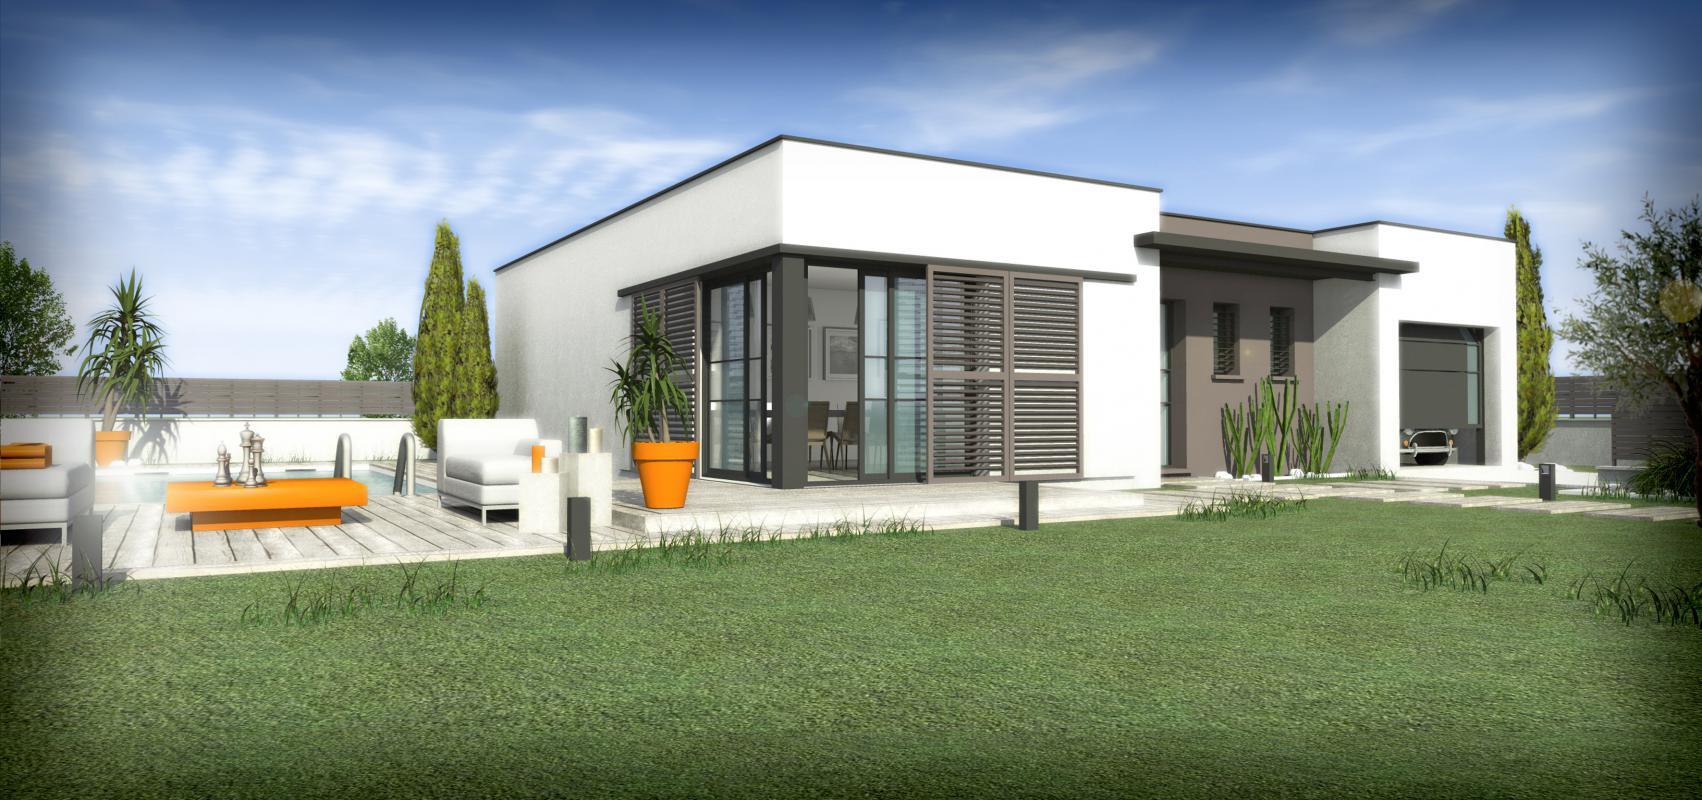 Maisons + Terrains du constructeur SM 11 • 90 m² • MARAUSSAN